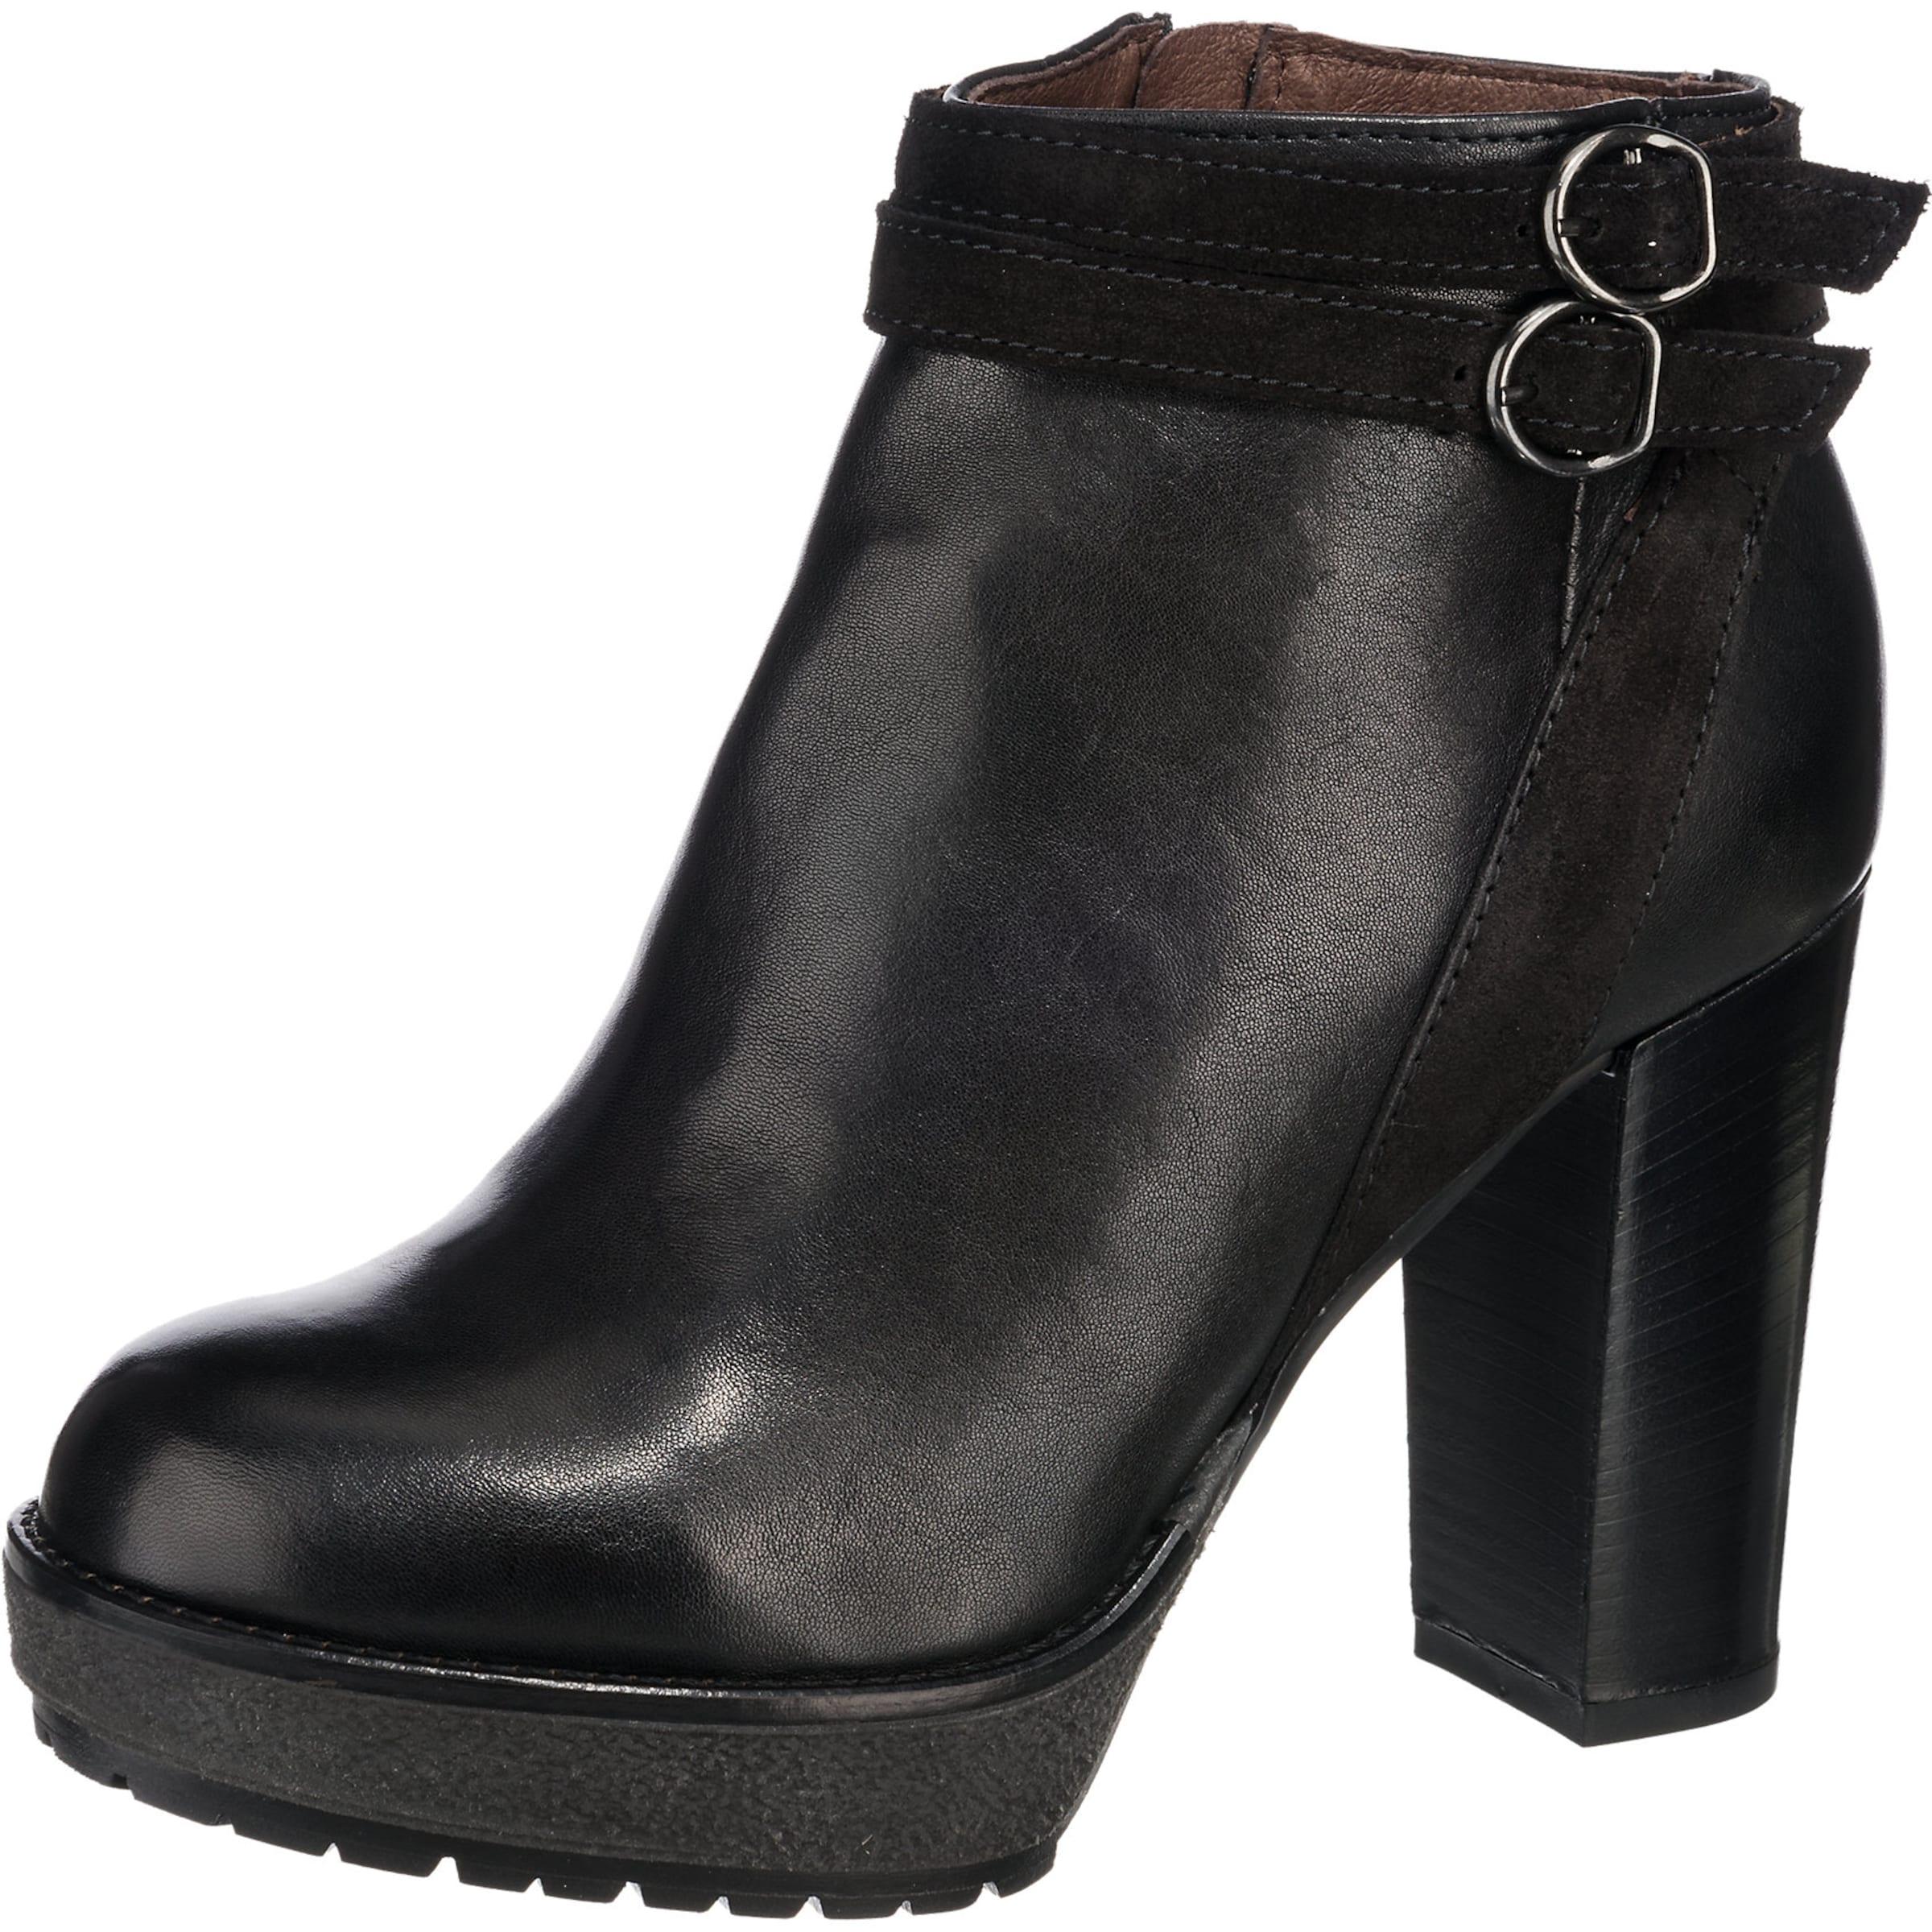 MANAS Stiefeletten Verschleißfeste billige Schuhe Hohe Qualität